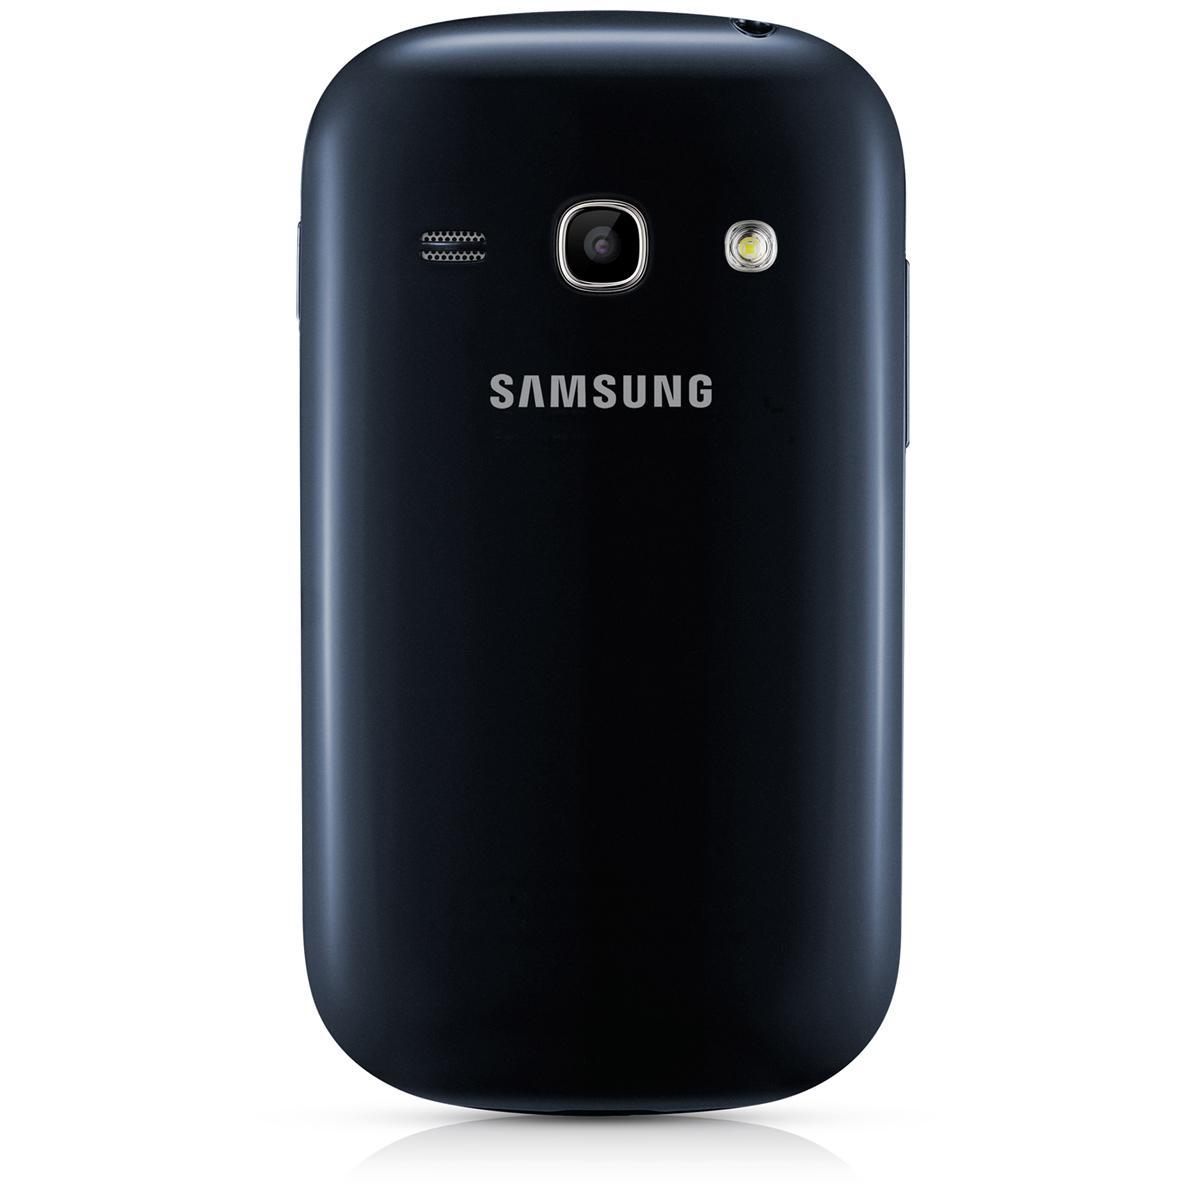 Samsung Galaxy Fame 4 Go - Noir - Débloqué